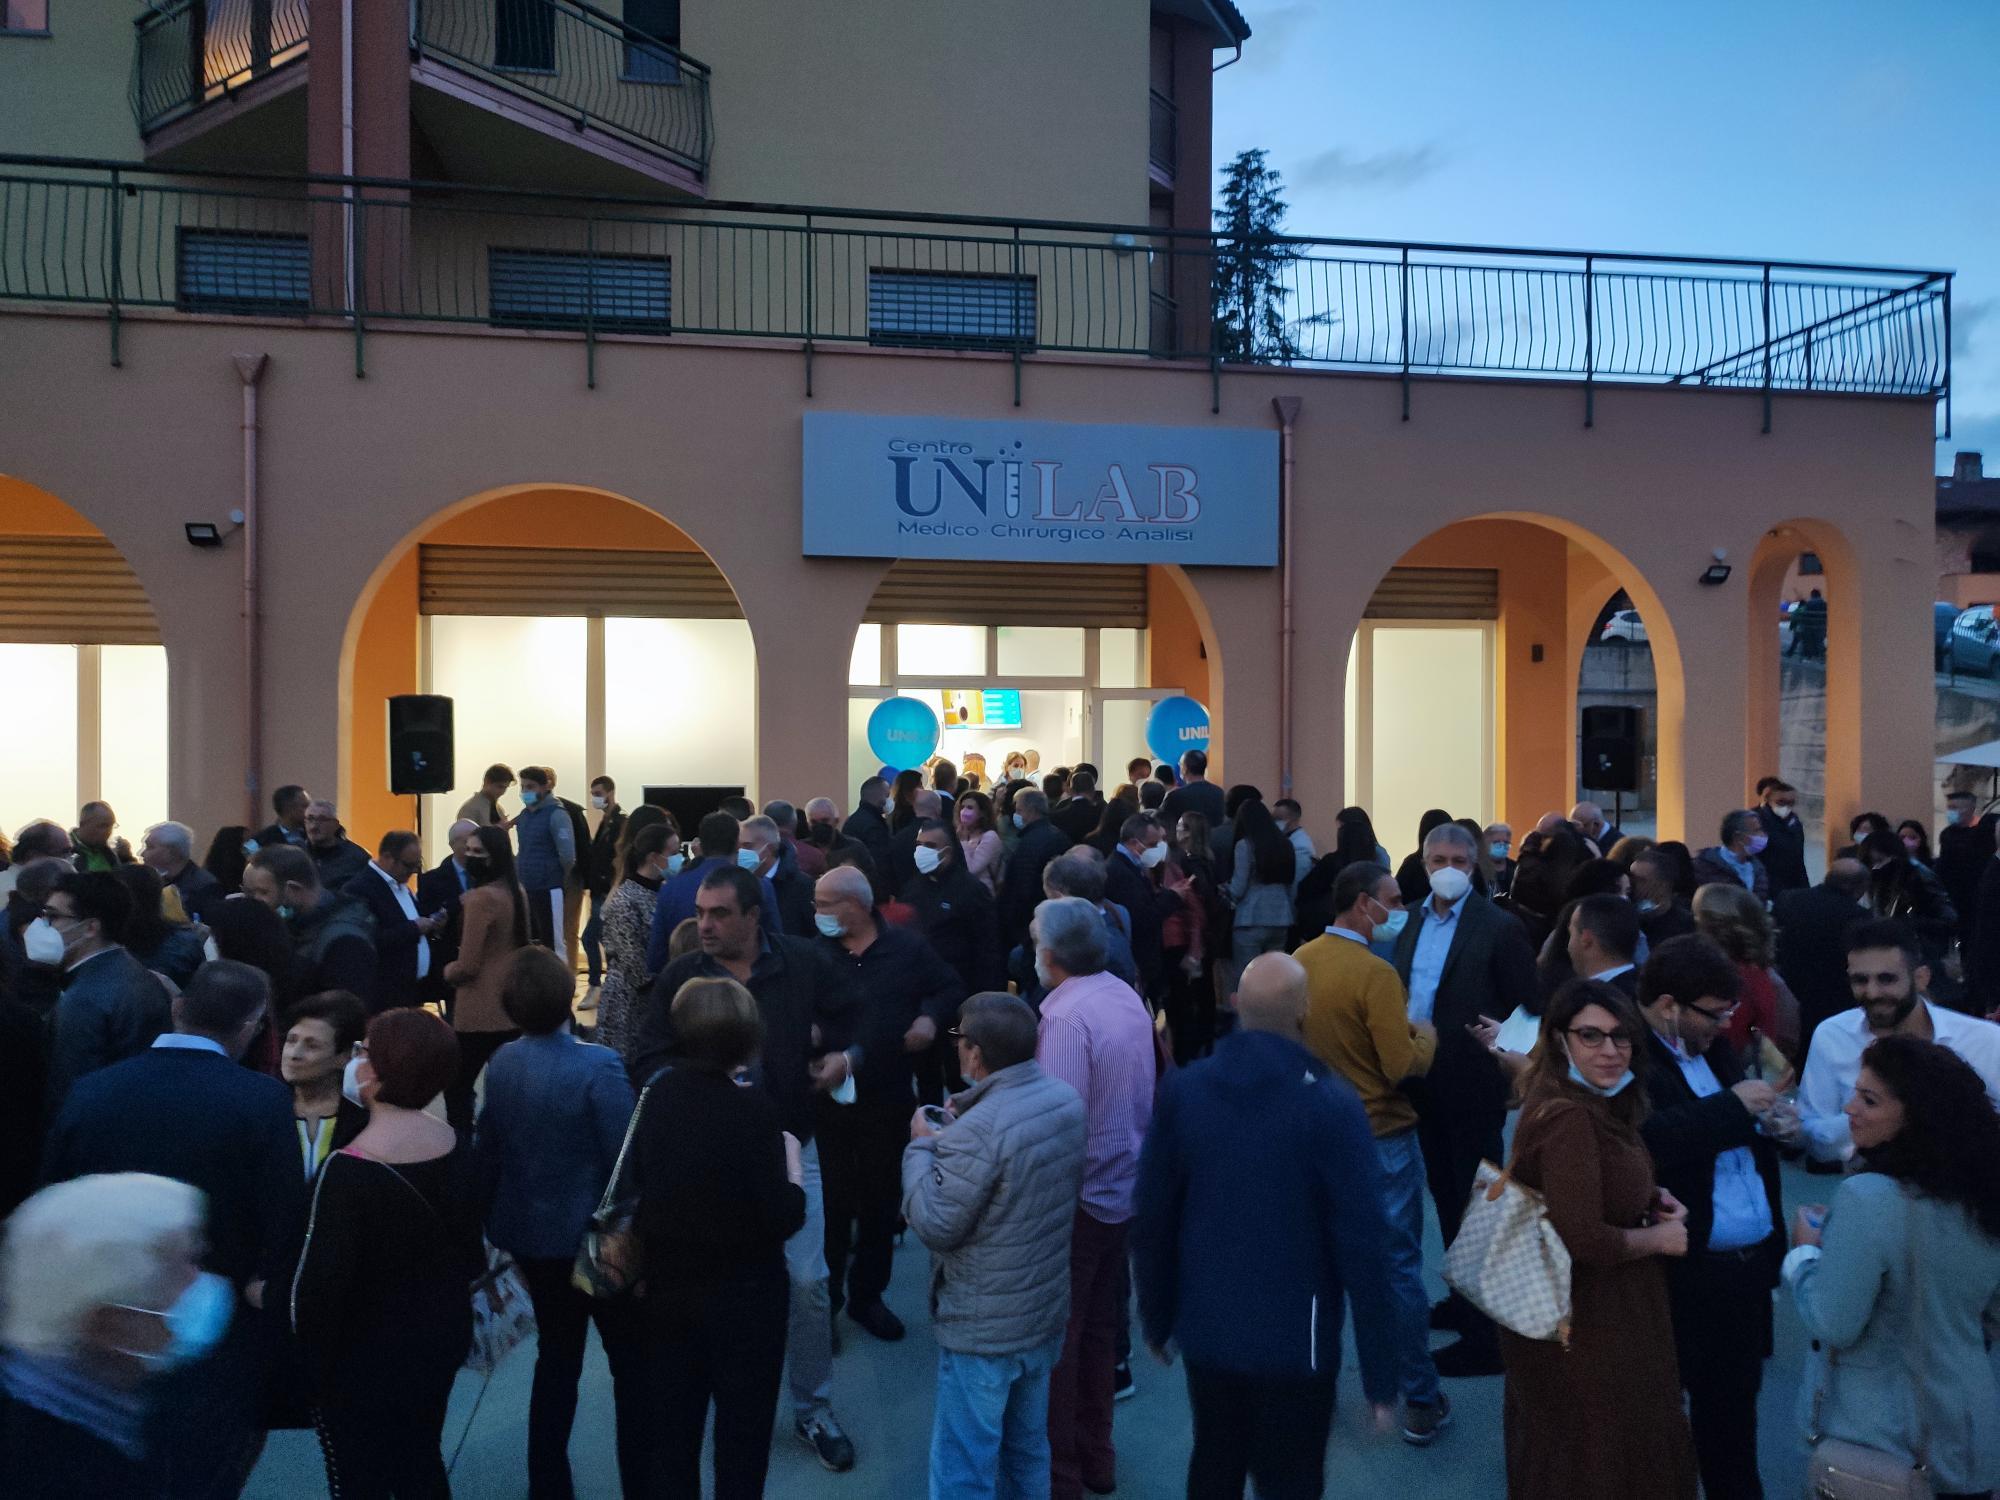 Più di 1000 persone all'inaugurazione di Unilab